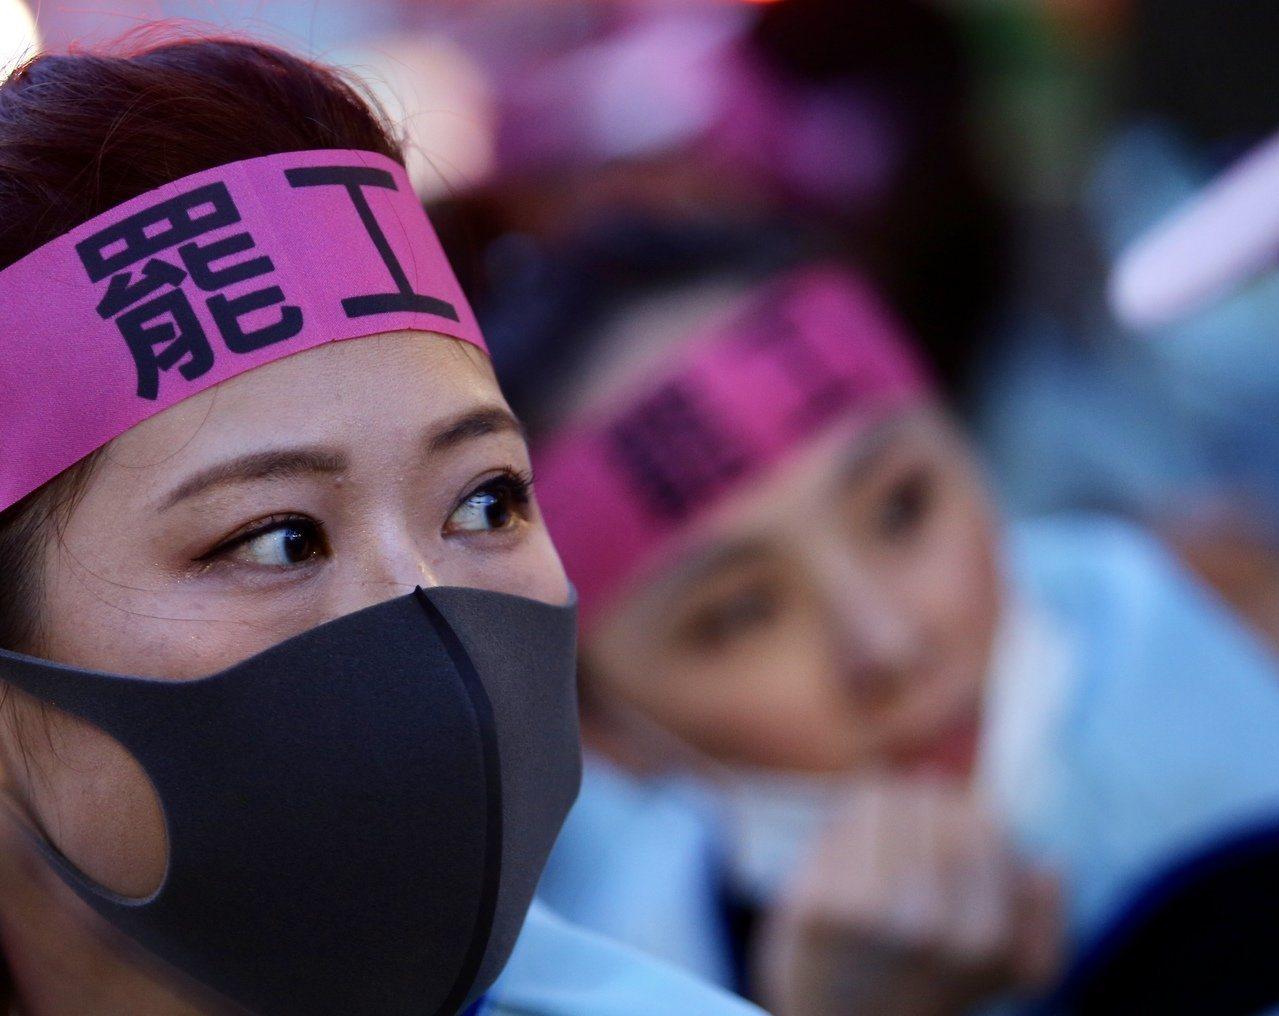 勞動部不當勞動行為裁決委員會認定,長榮航空0508發出暫停罷工者優待機票3年、在...